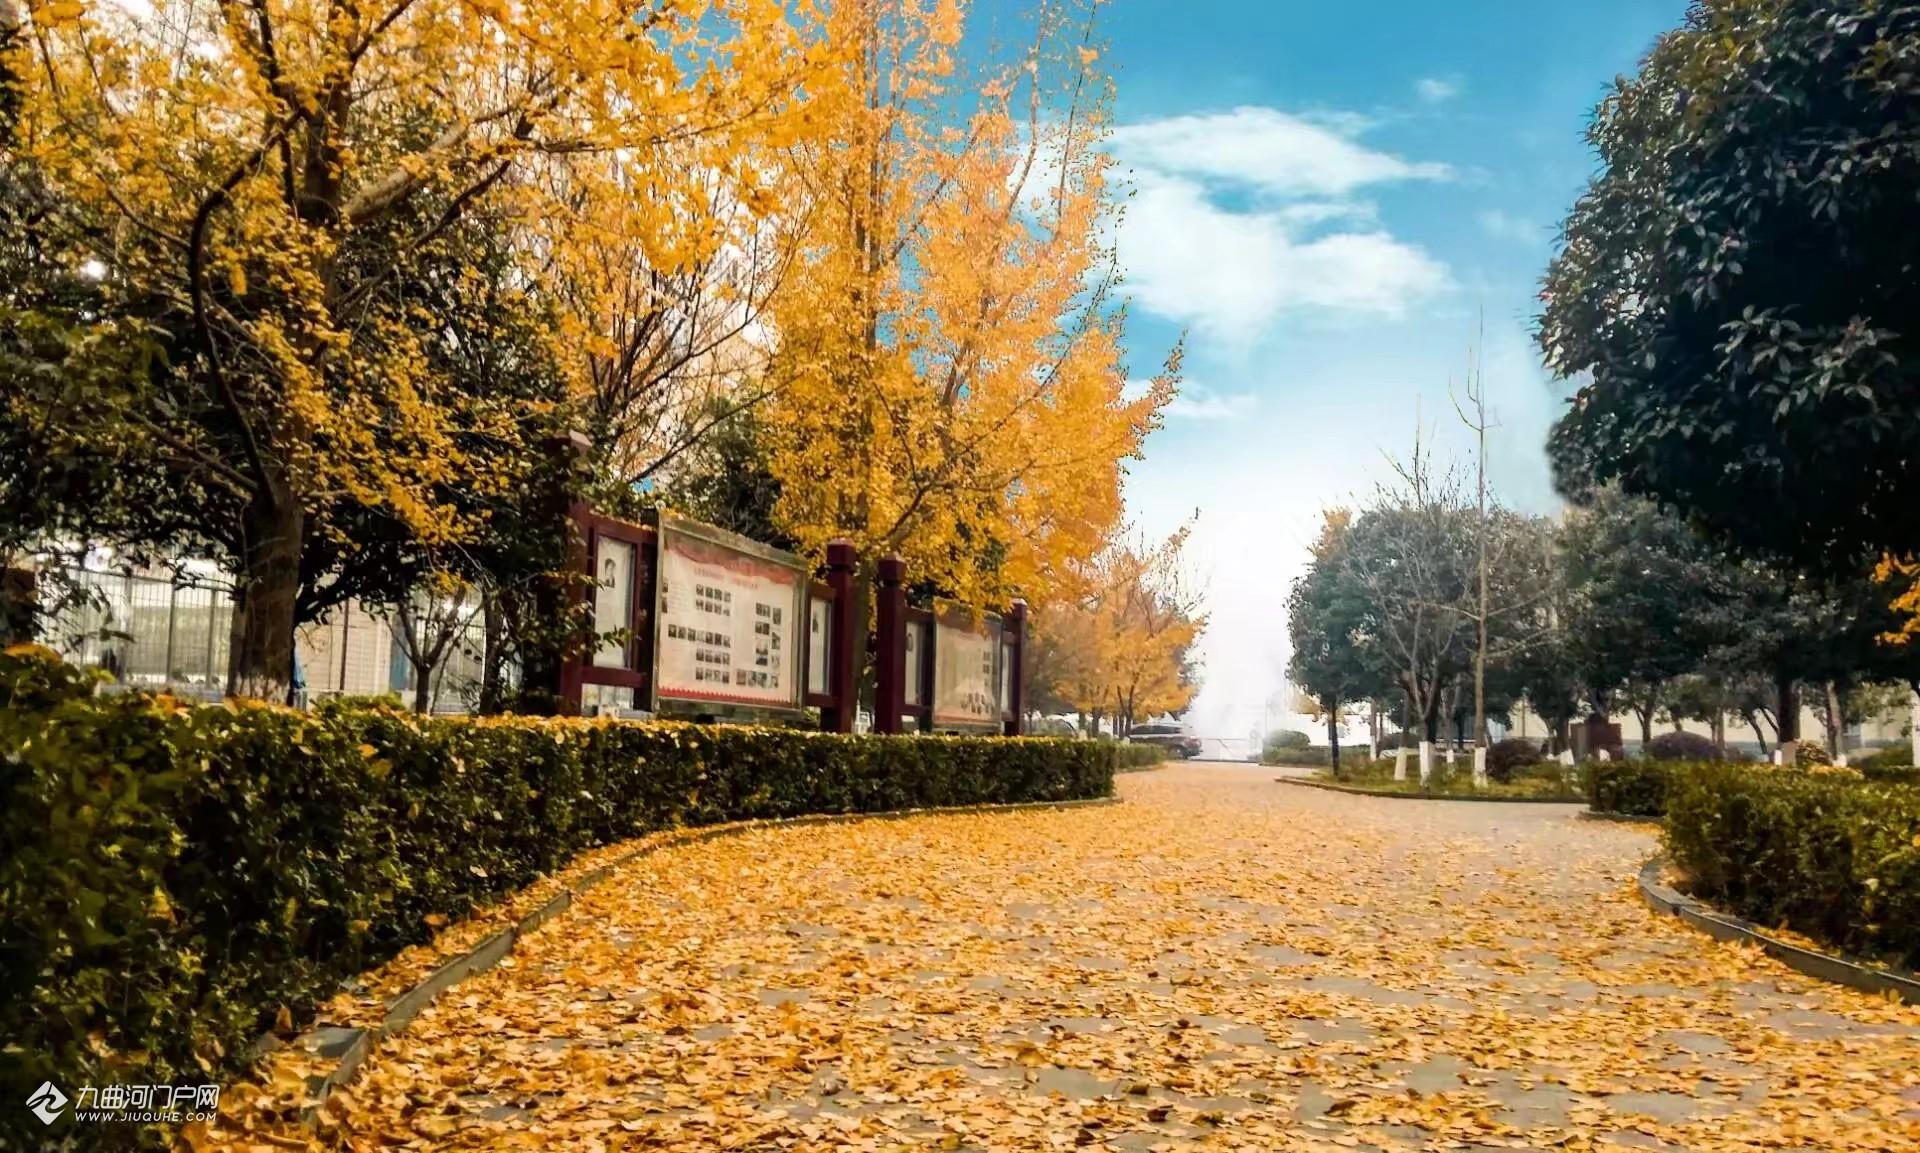 校园冬景.jpg